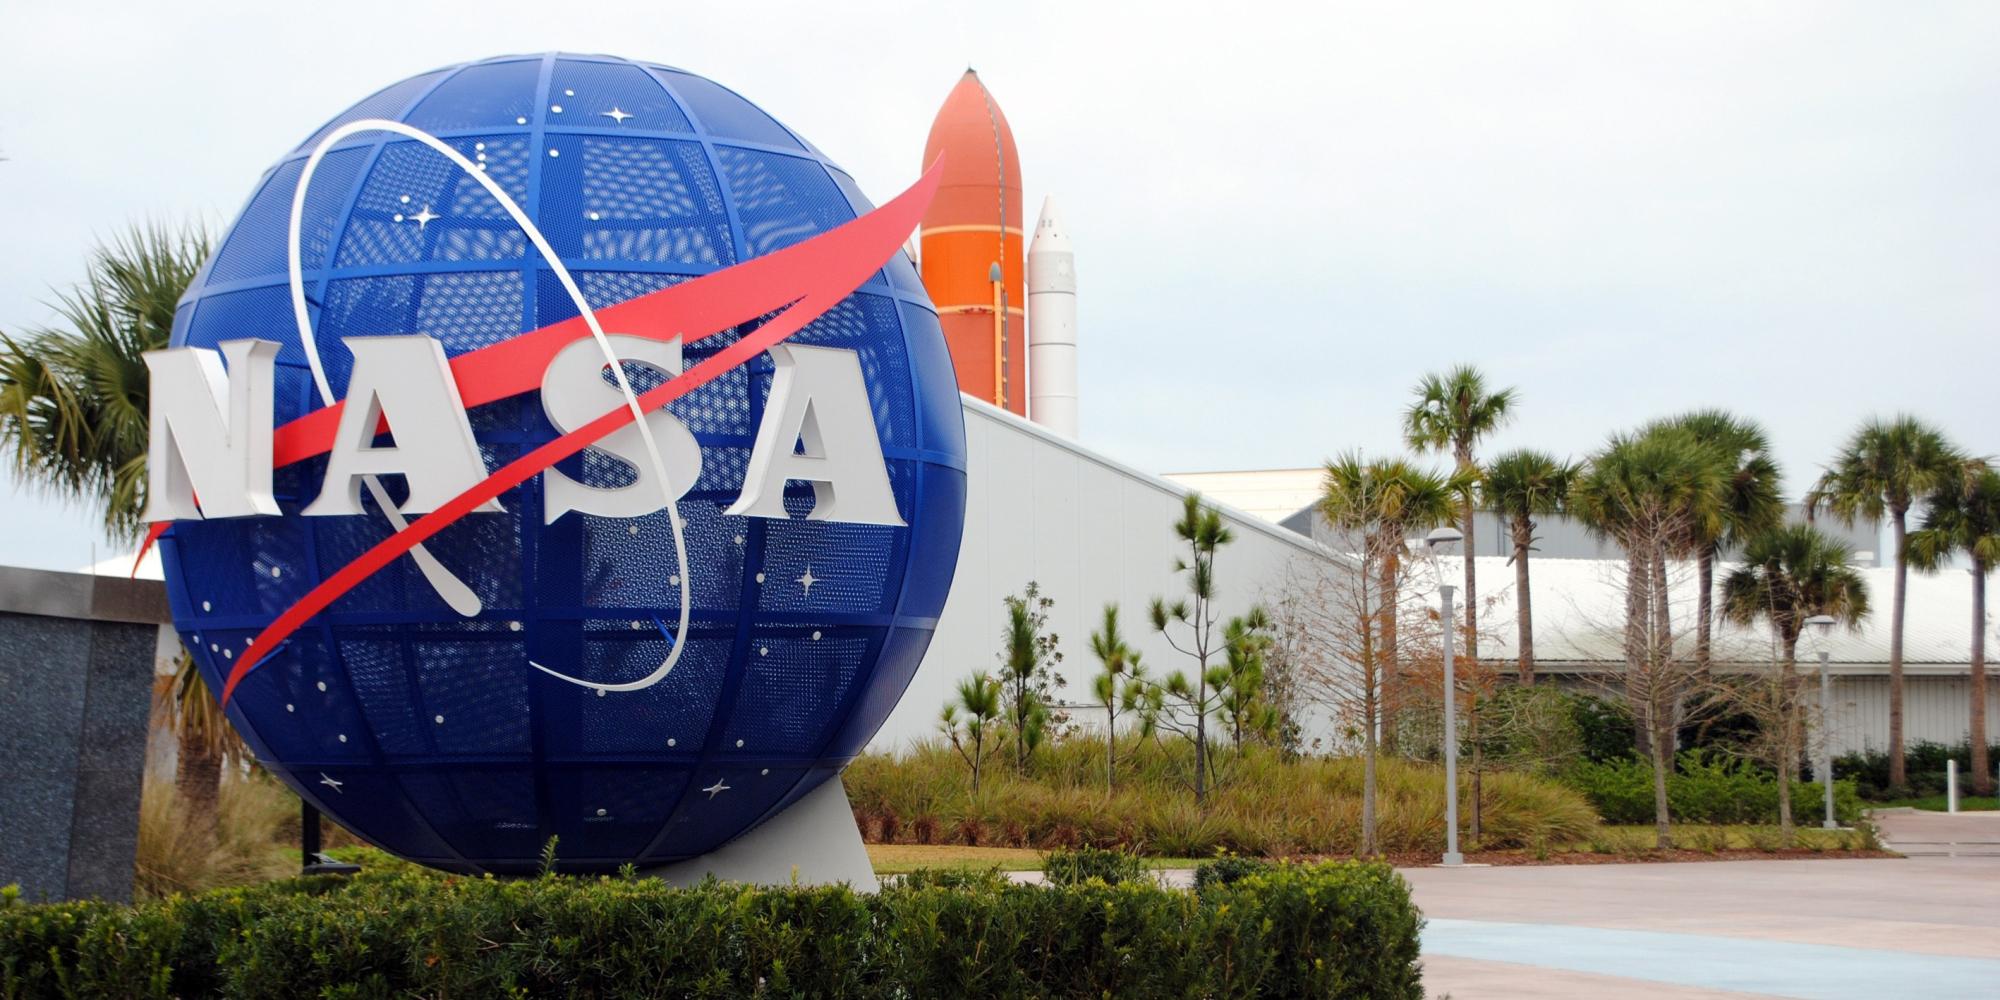 تعرف على سبق وكالة ناسا في تصوير الفضاء البعيد عن الأرض والشمس! | مجلة الرجل